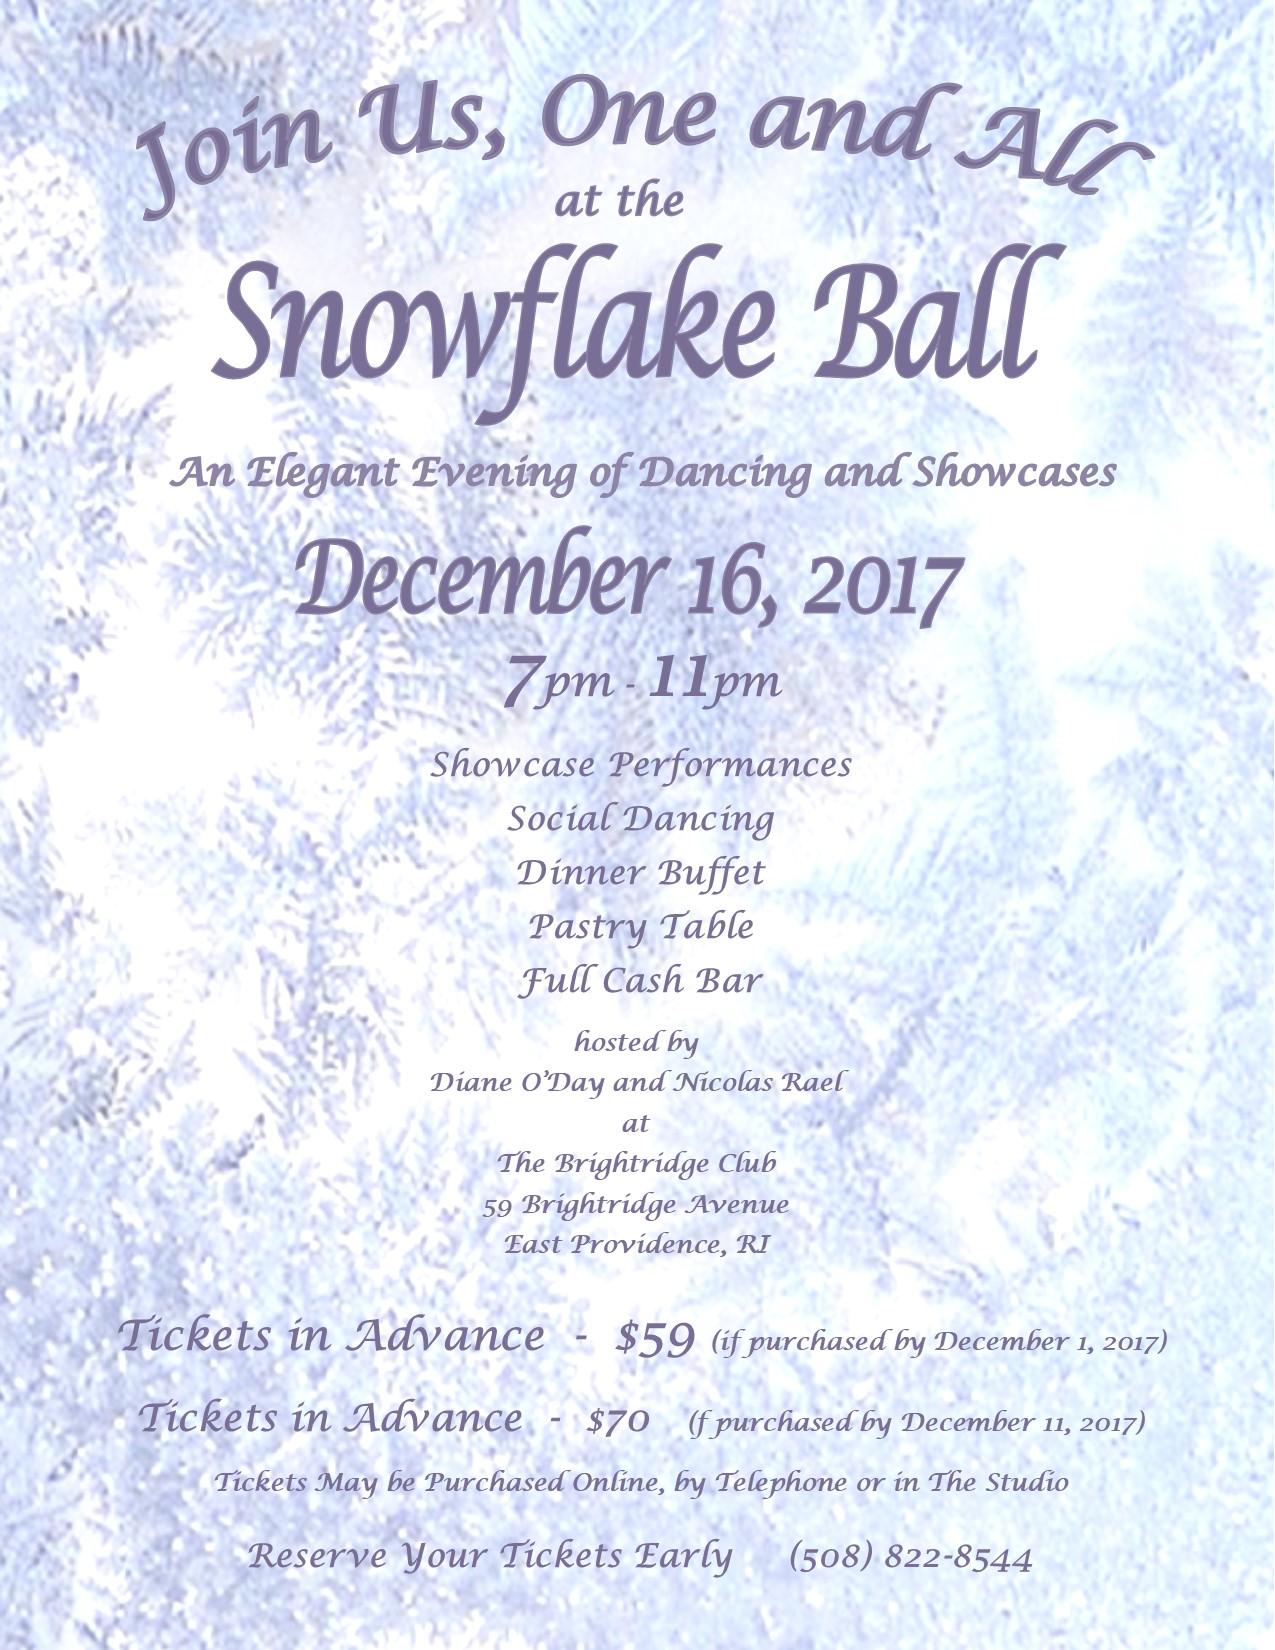 SNOWFLAKE BALL 2017 - Flyer